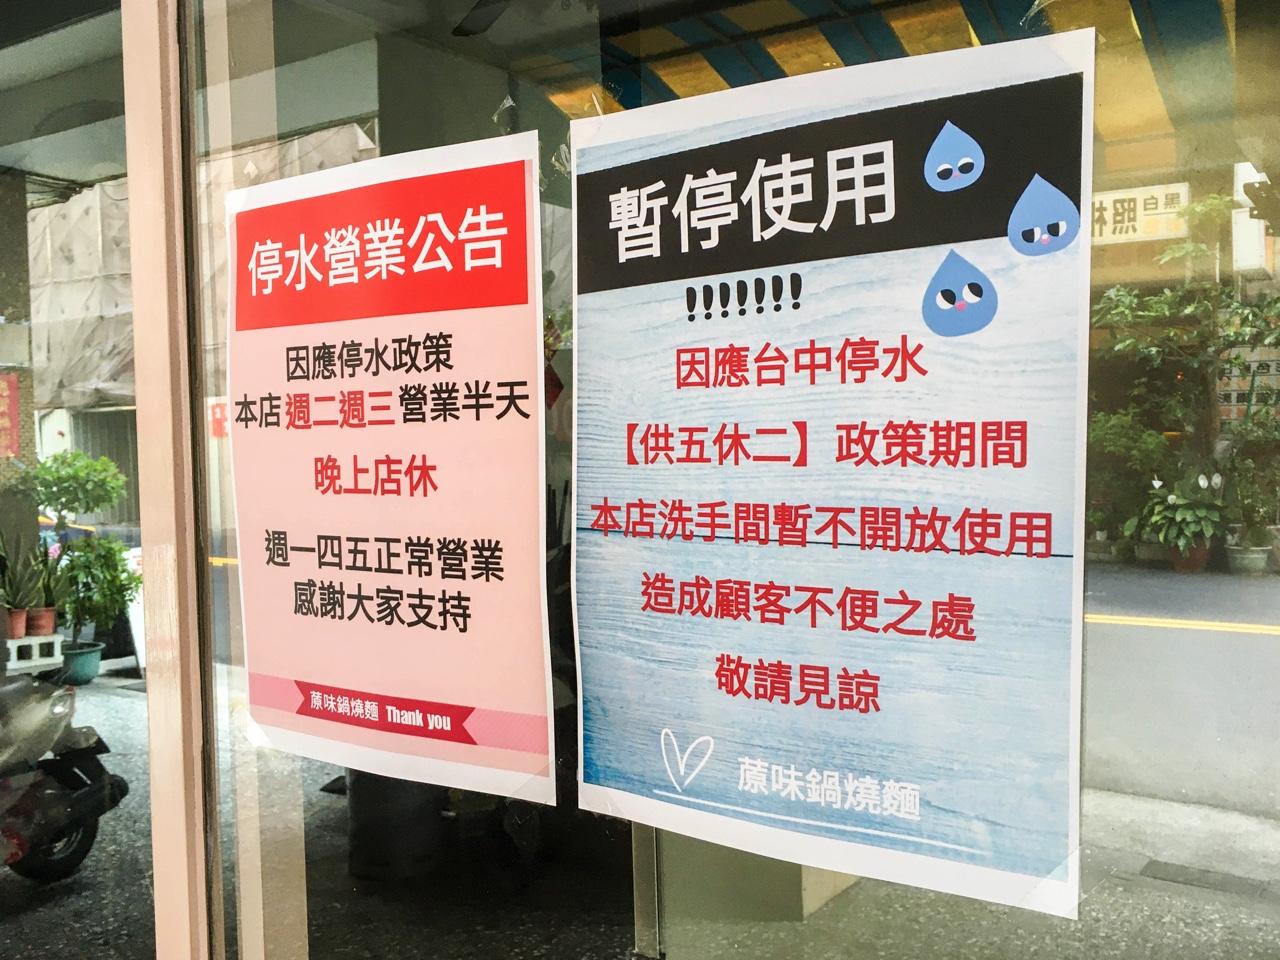 飲食店の断水期間中の対応に関する貼り紙